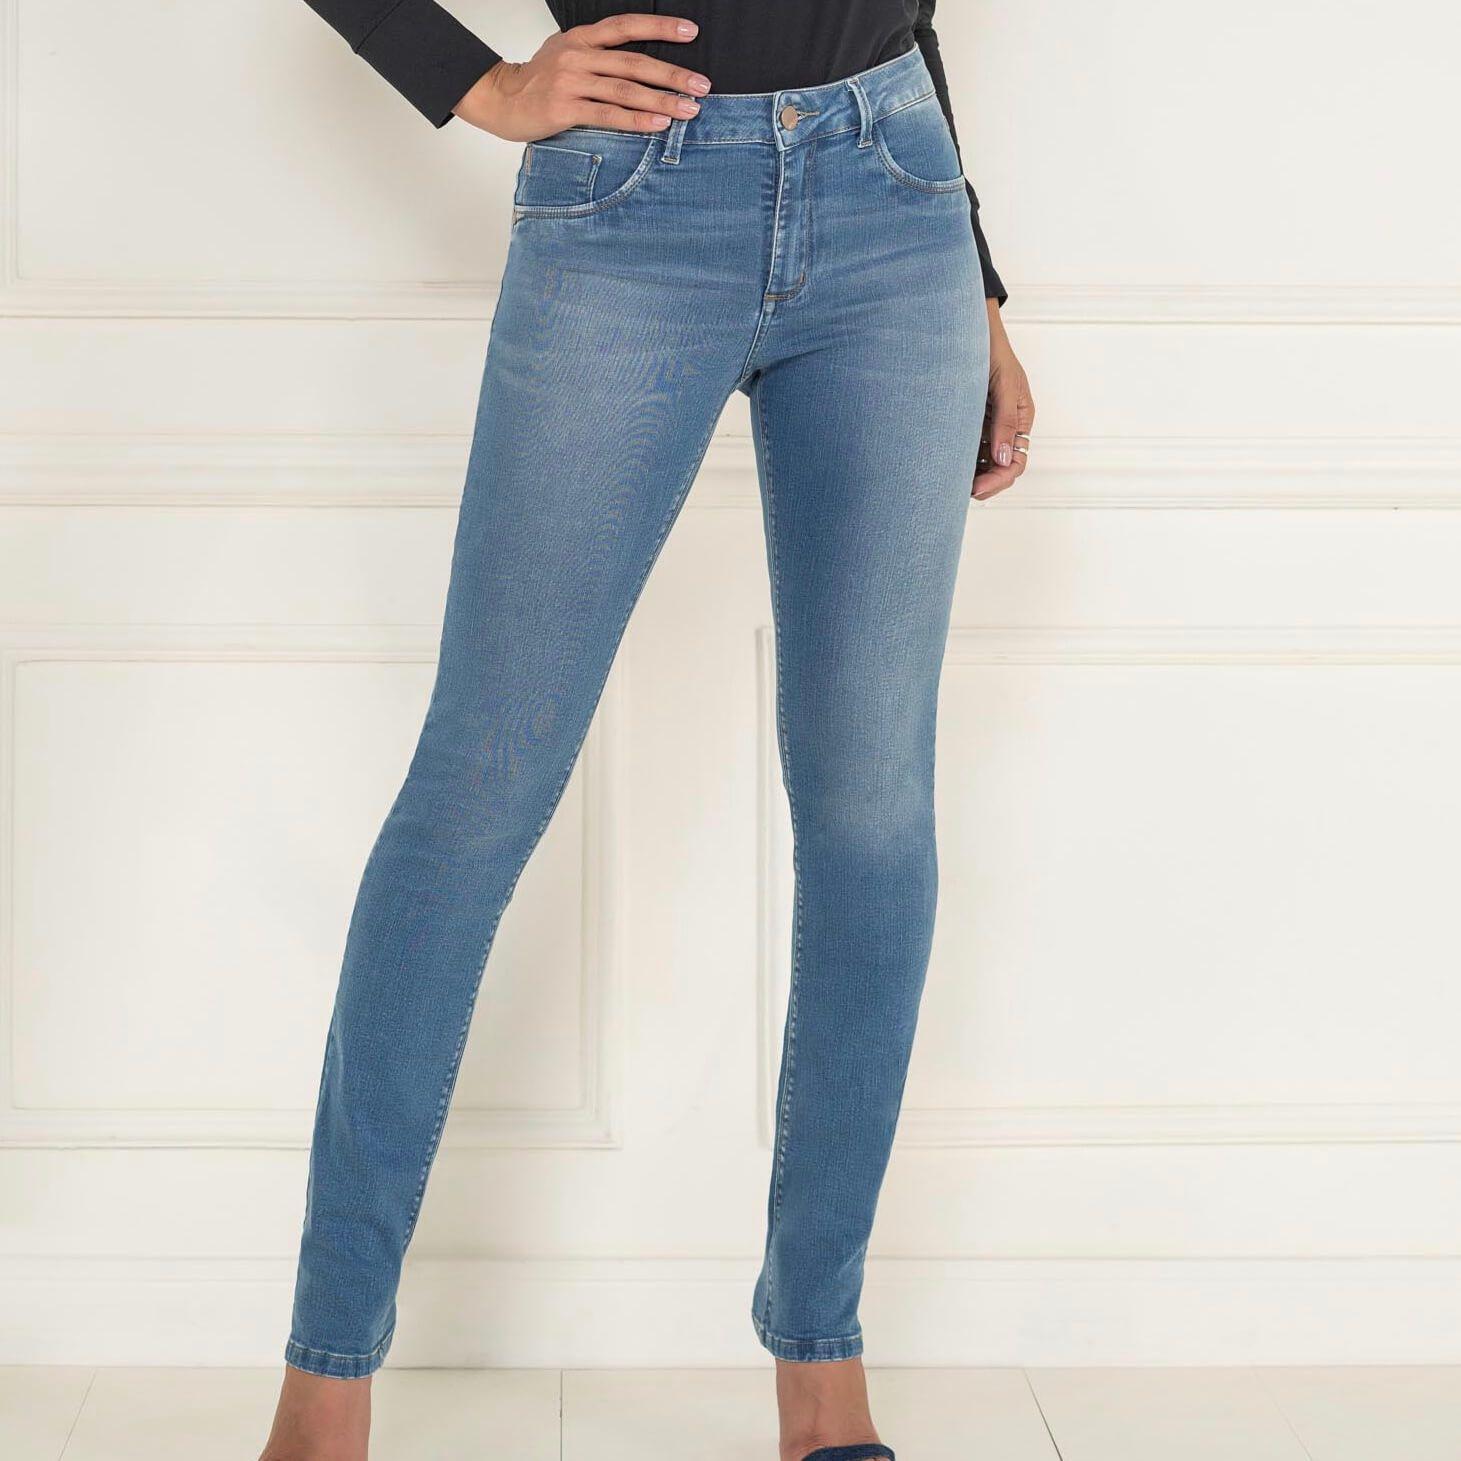 Calça Skinny Lycra Jeans - KACOLAKO